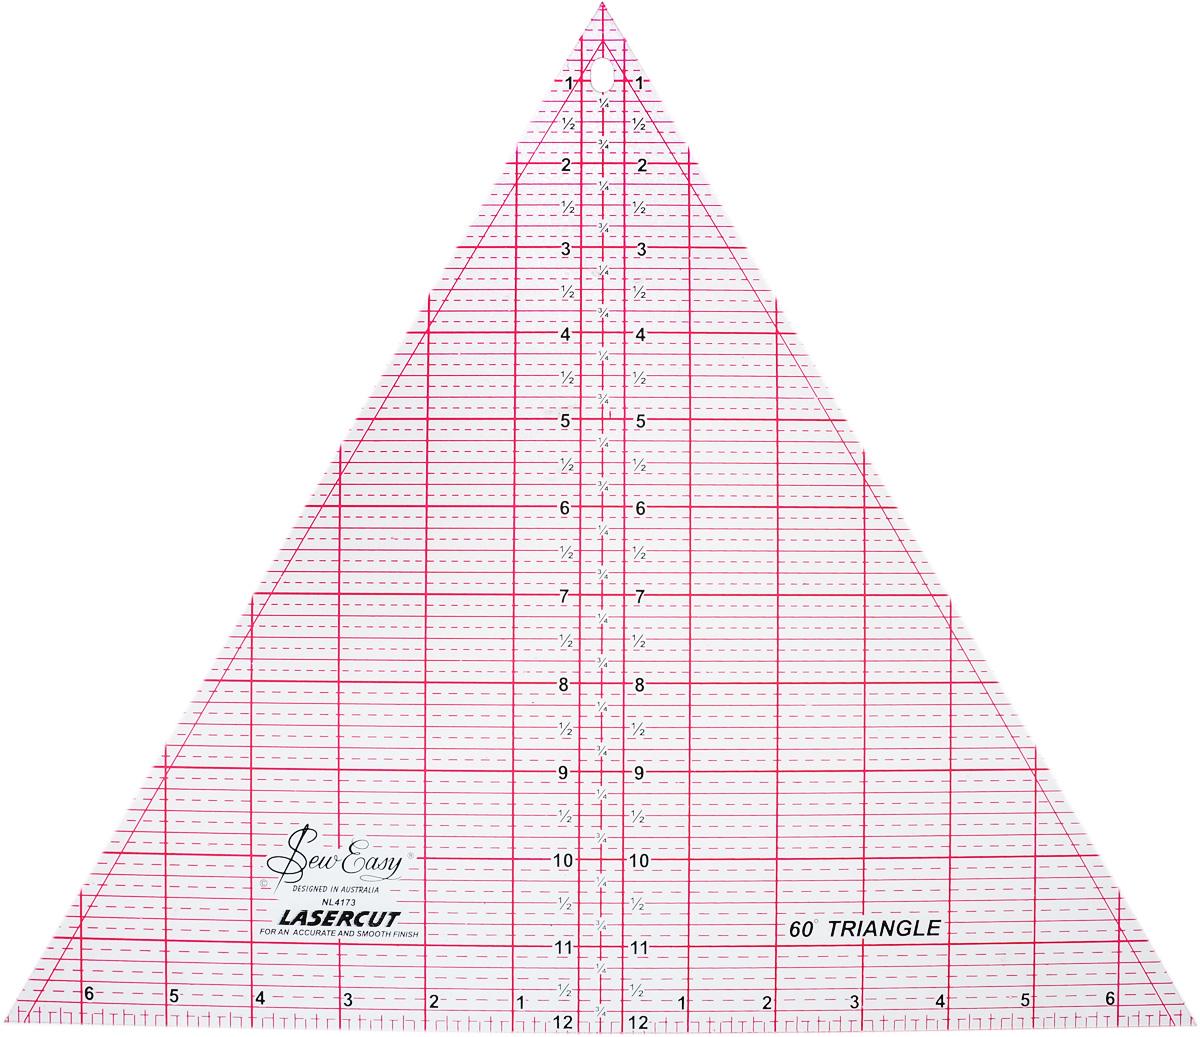 Линейка-треугольник для пэчворка Hemline, с углом 60 градусов, 12 x 13 7/8 (30,48 х 35,22 см)NL4173Линейка-треугольник для пэчворка Hemline предназначена для раскроя равносторонних треугольников и ромбов с углом 60°, 6-лучевых звезд и пирамид. Разметка лекала позволяет делать линии с шагом в 1/8 дюйма. Прочный акрил обладает большим сроком службы, а лазерный срез края позволяет делать ровные аккуратные линии. Улучшенная двухцветная разметка со всеми необходимыми размерами делает использование простым и удобным. Размер (в дюймах): 12 x 13 7/8.